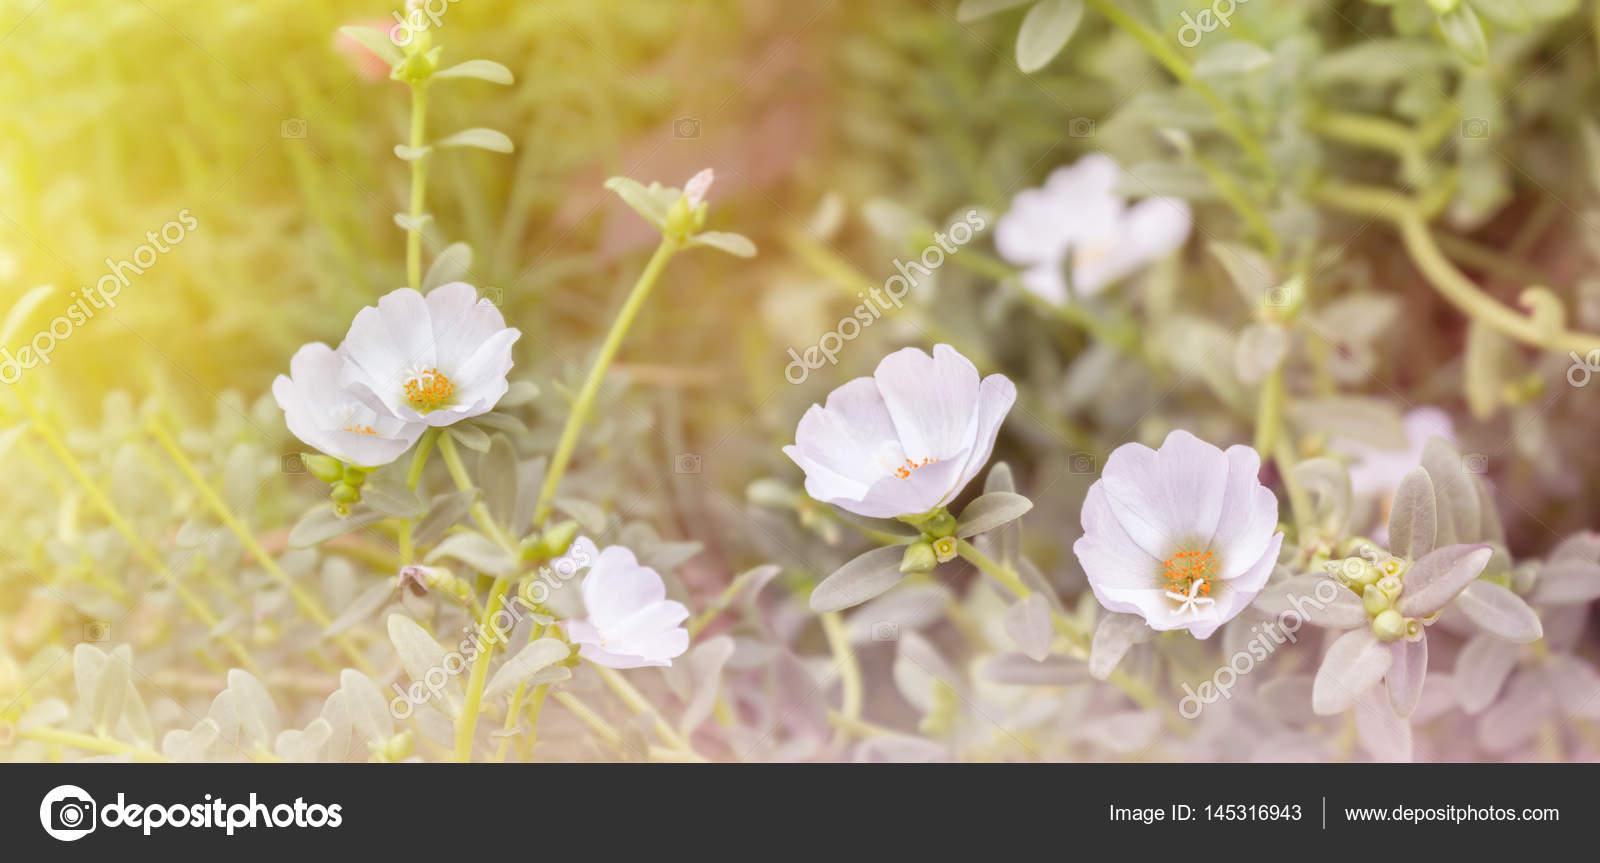 Belle Mosss Rose Le Pourpier Ou Soleil Plante Fleur Blanche En Reve